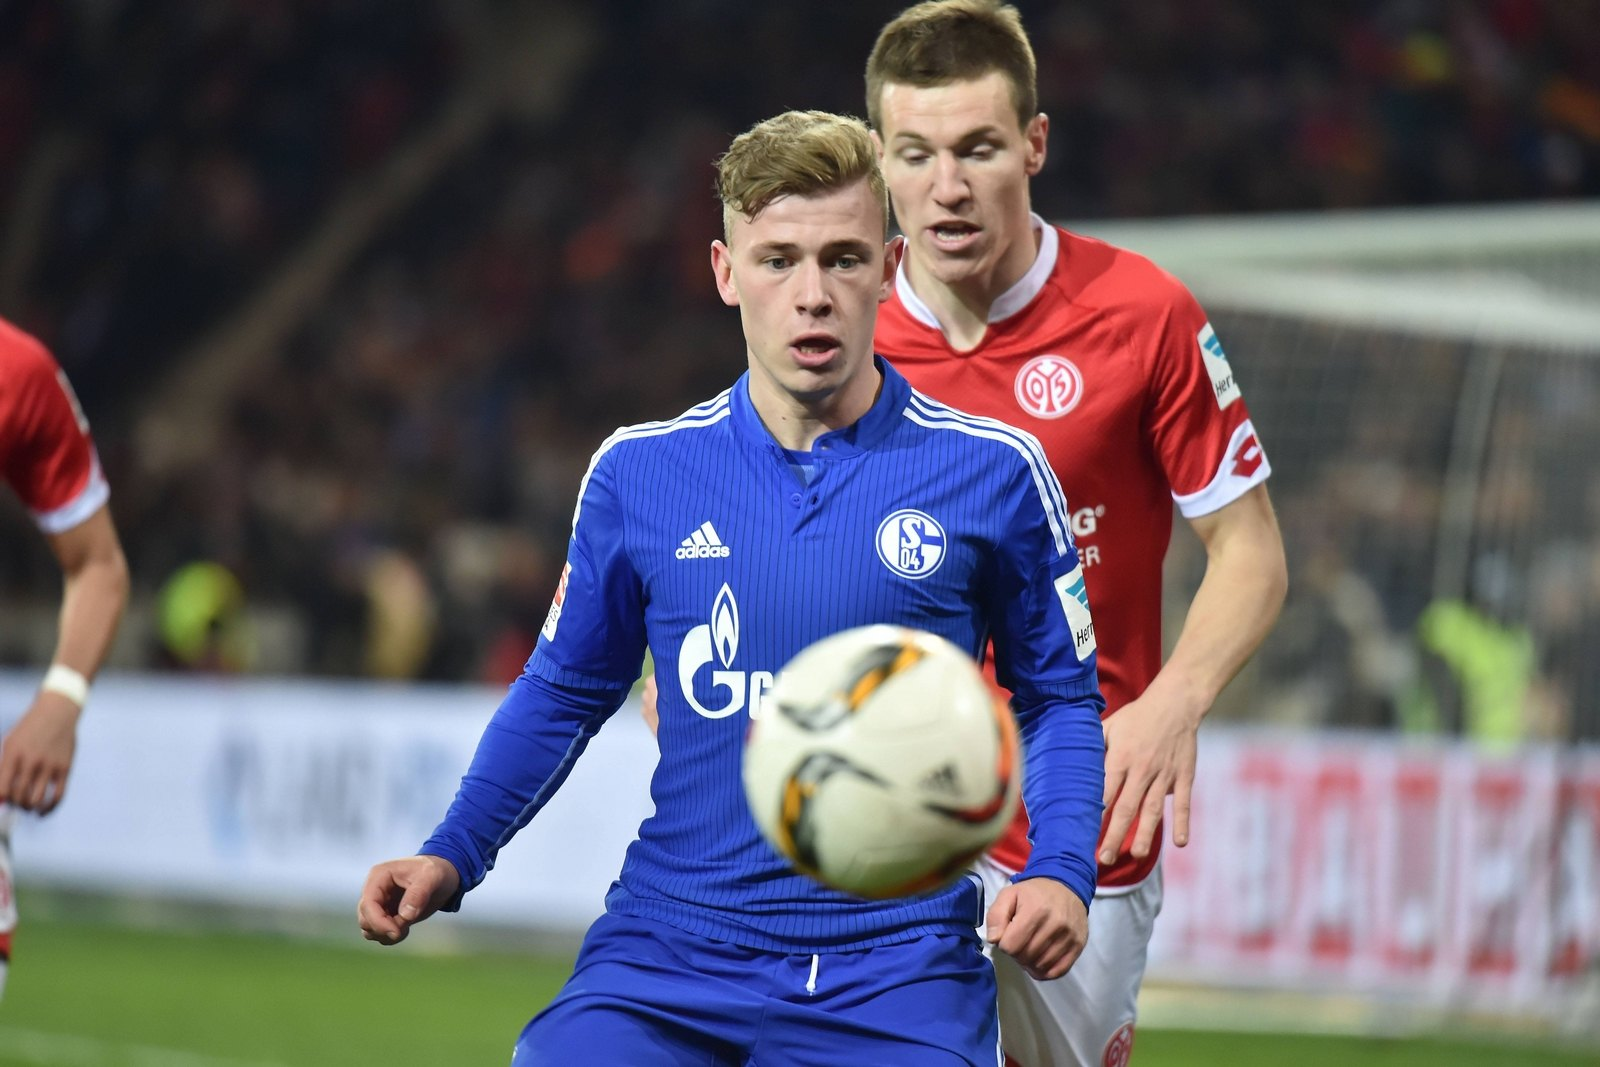 Max Meyer am Ball. Jetzt auf Mainz gegen Schalke wetten!